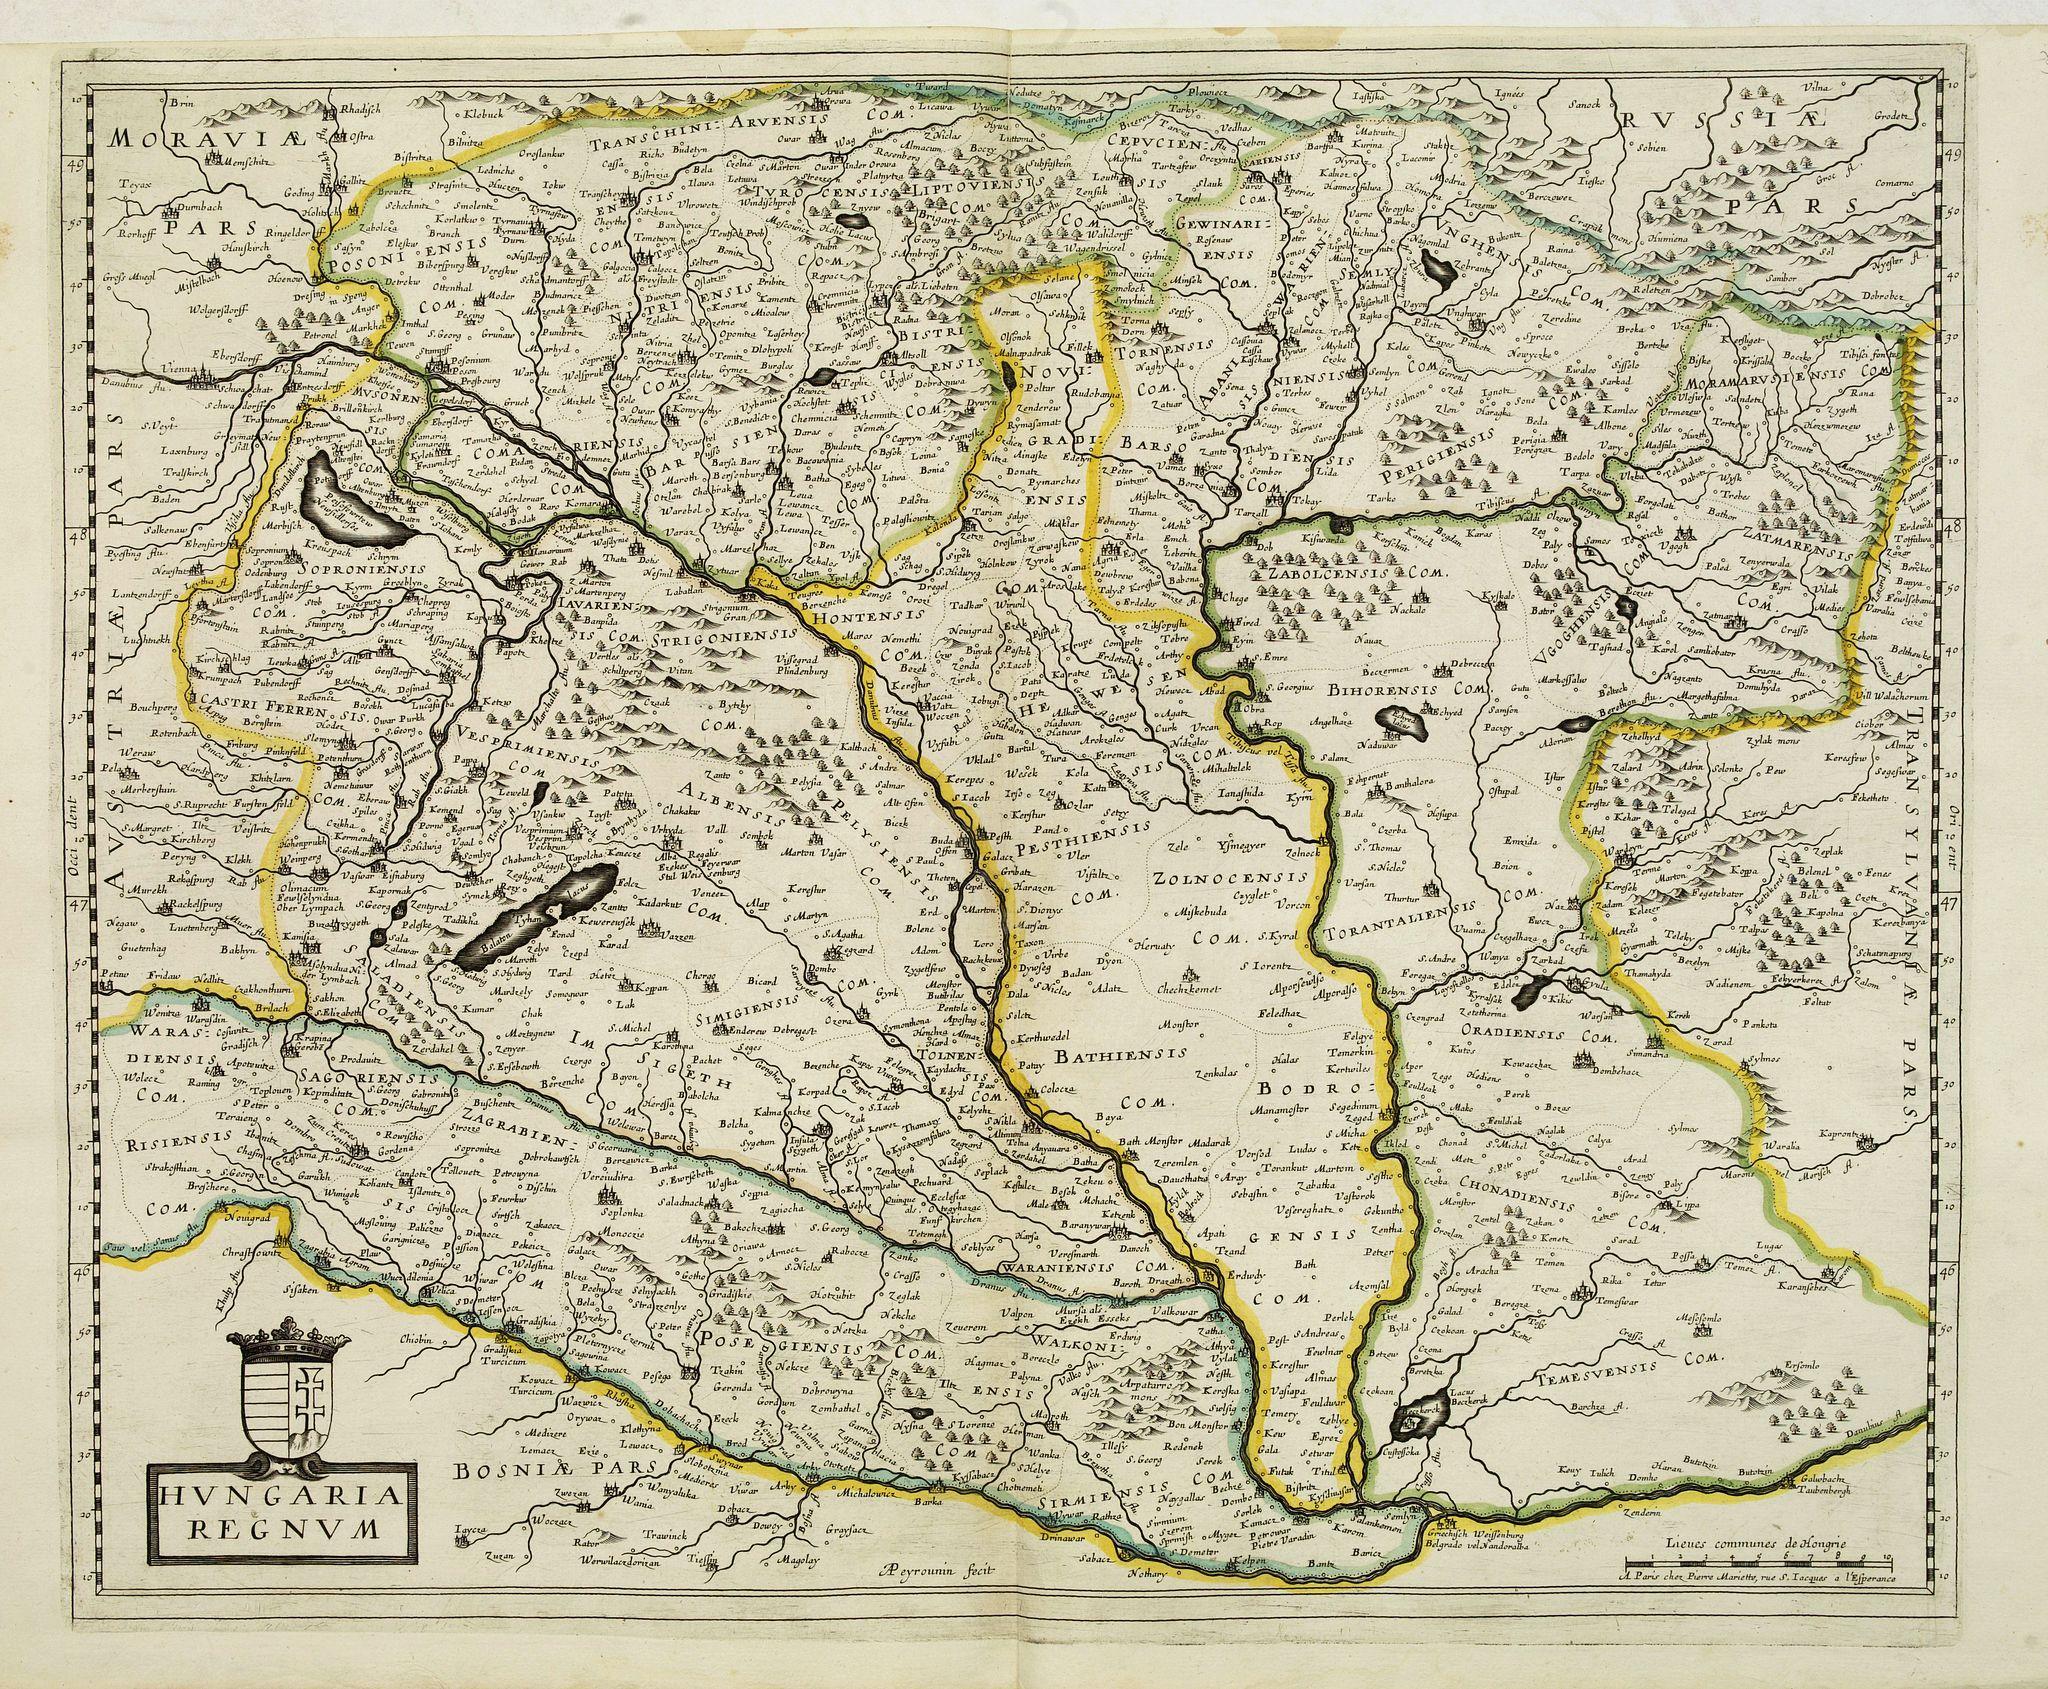 MARIETTE, P. -  Hungaria regnum.